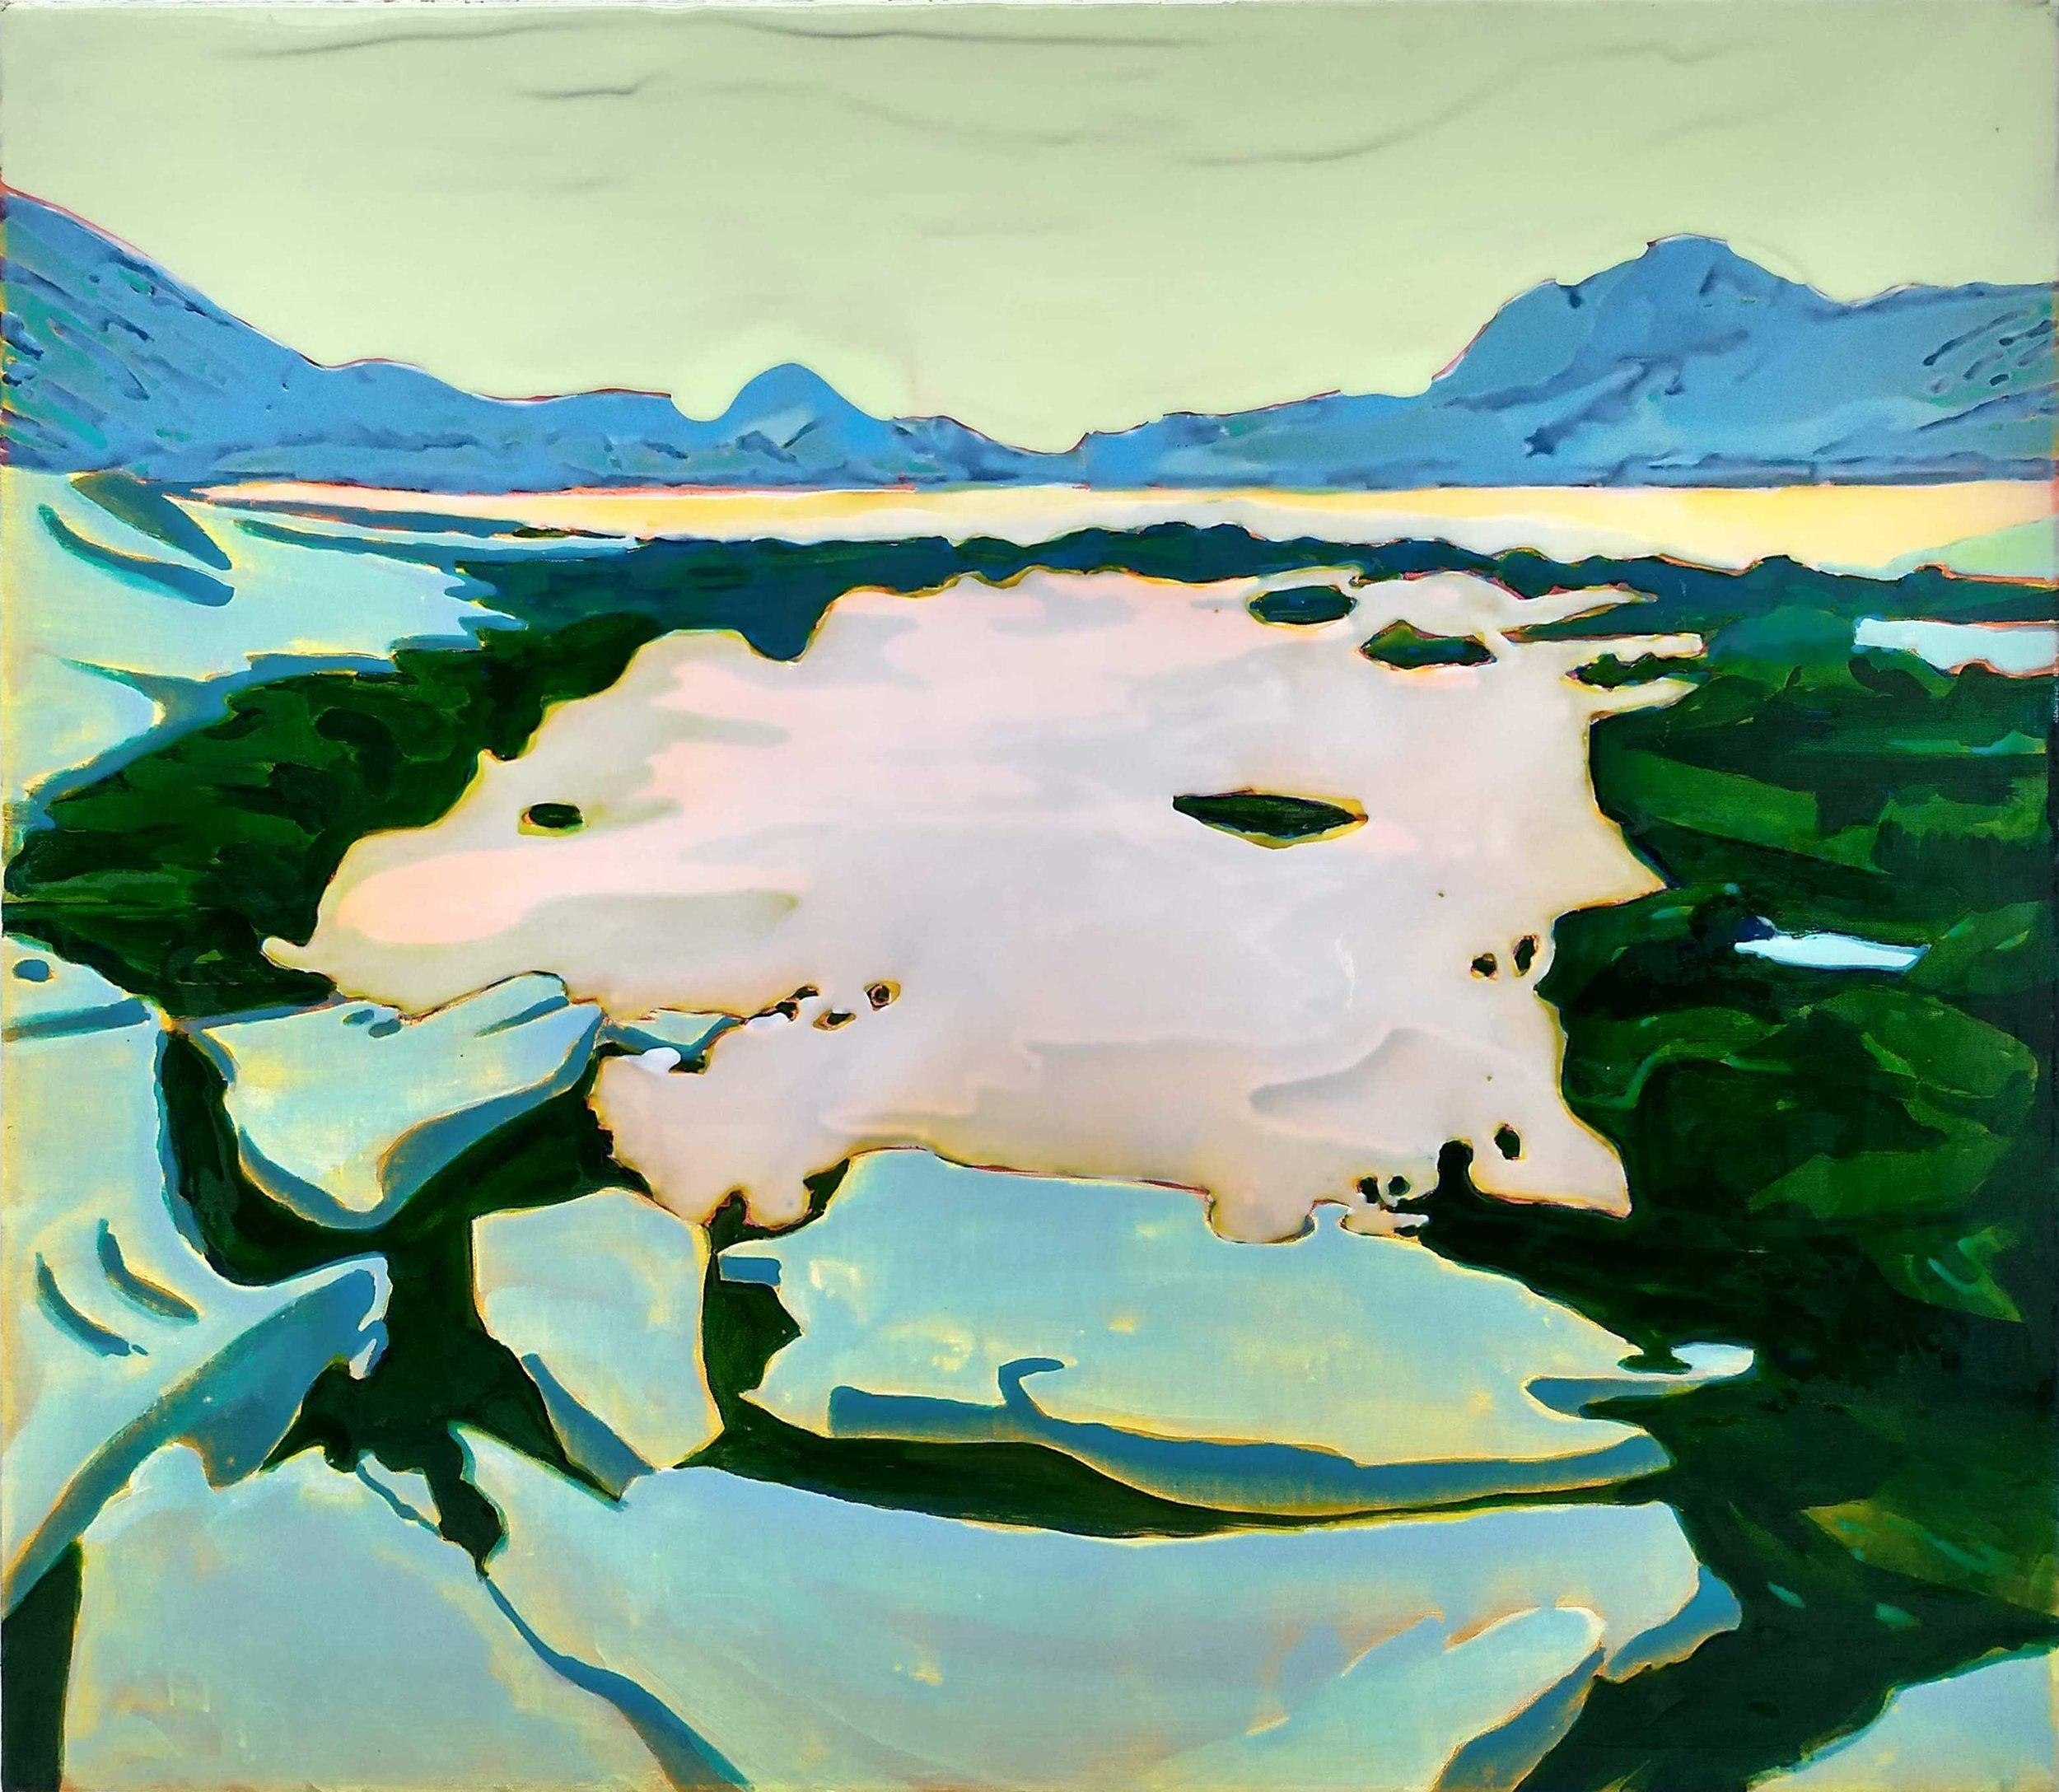 寂靜之聲 - 2  布面丙烯酸及环氧树脂 100 x 120 cm